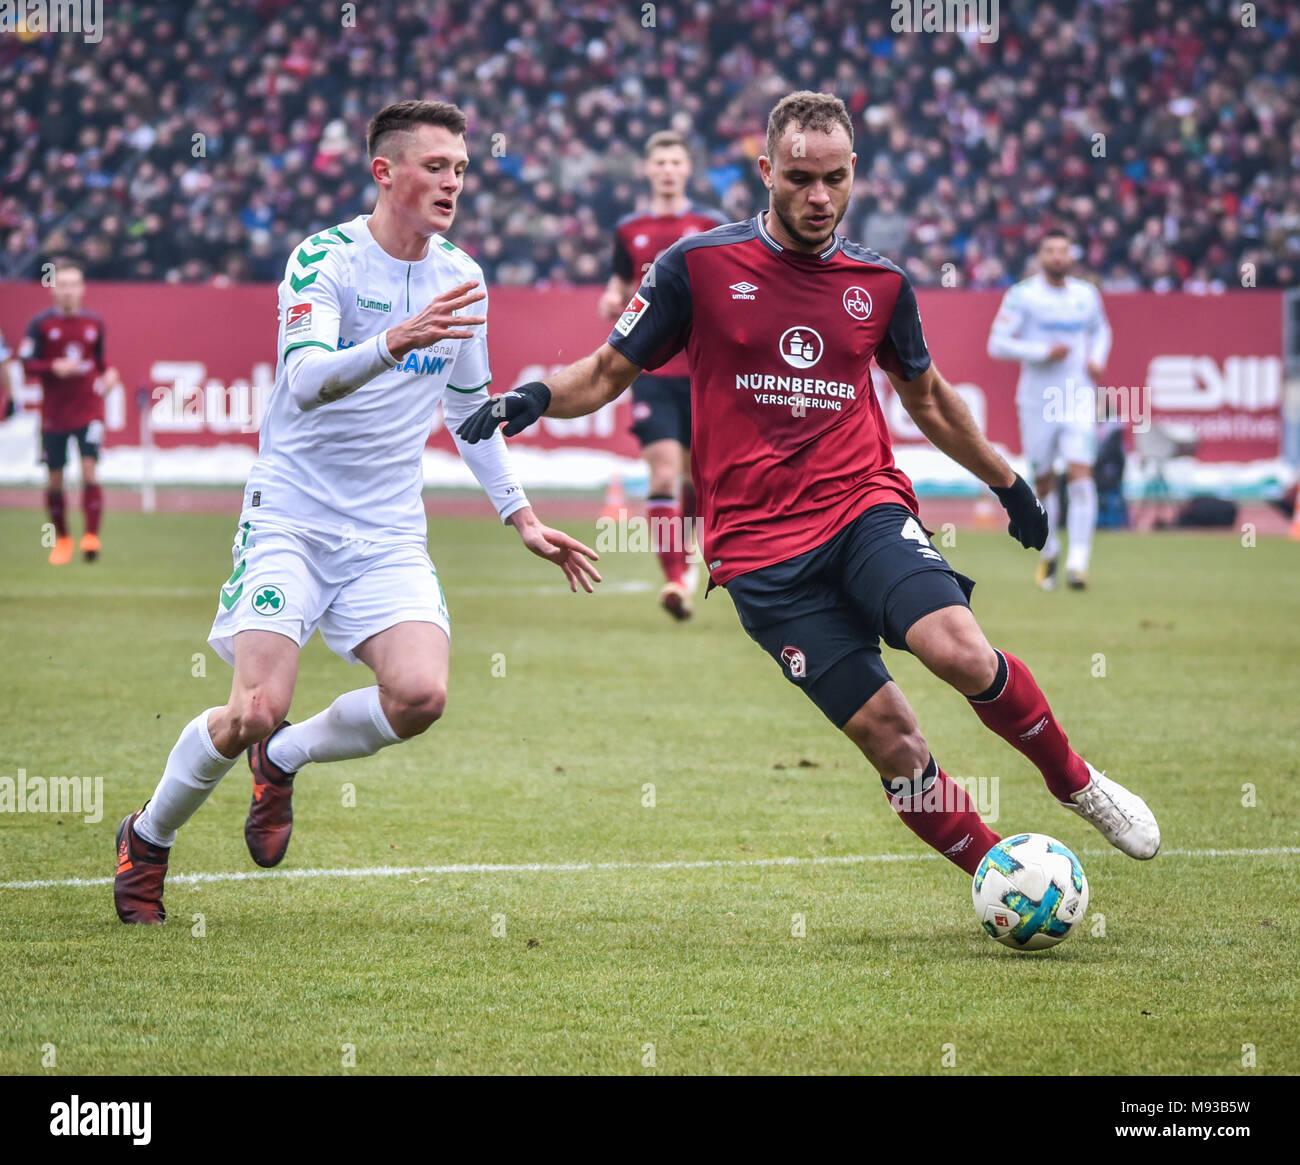 Germany, Nuernberg, Max-Morlock-Stadion, 03 March 2018 - 2.Bundesliga - 1.FC Nürnberg vs. SpVgg Greuther Fürth - 264th Franken Derby! - Stock Image